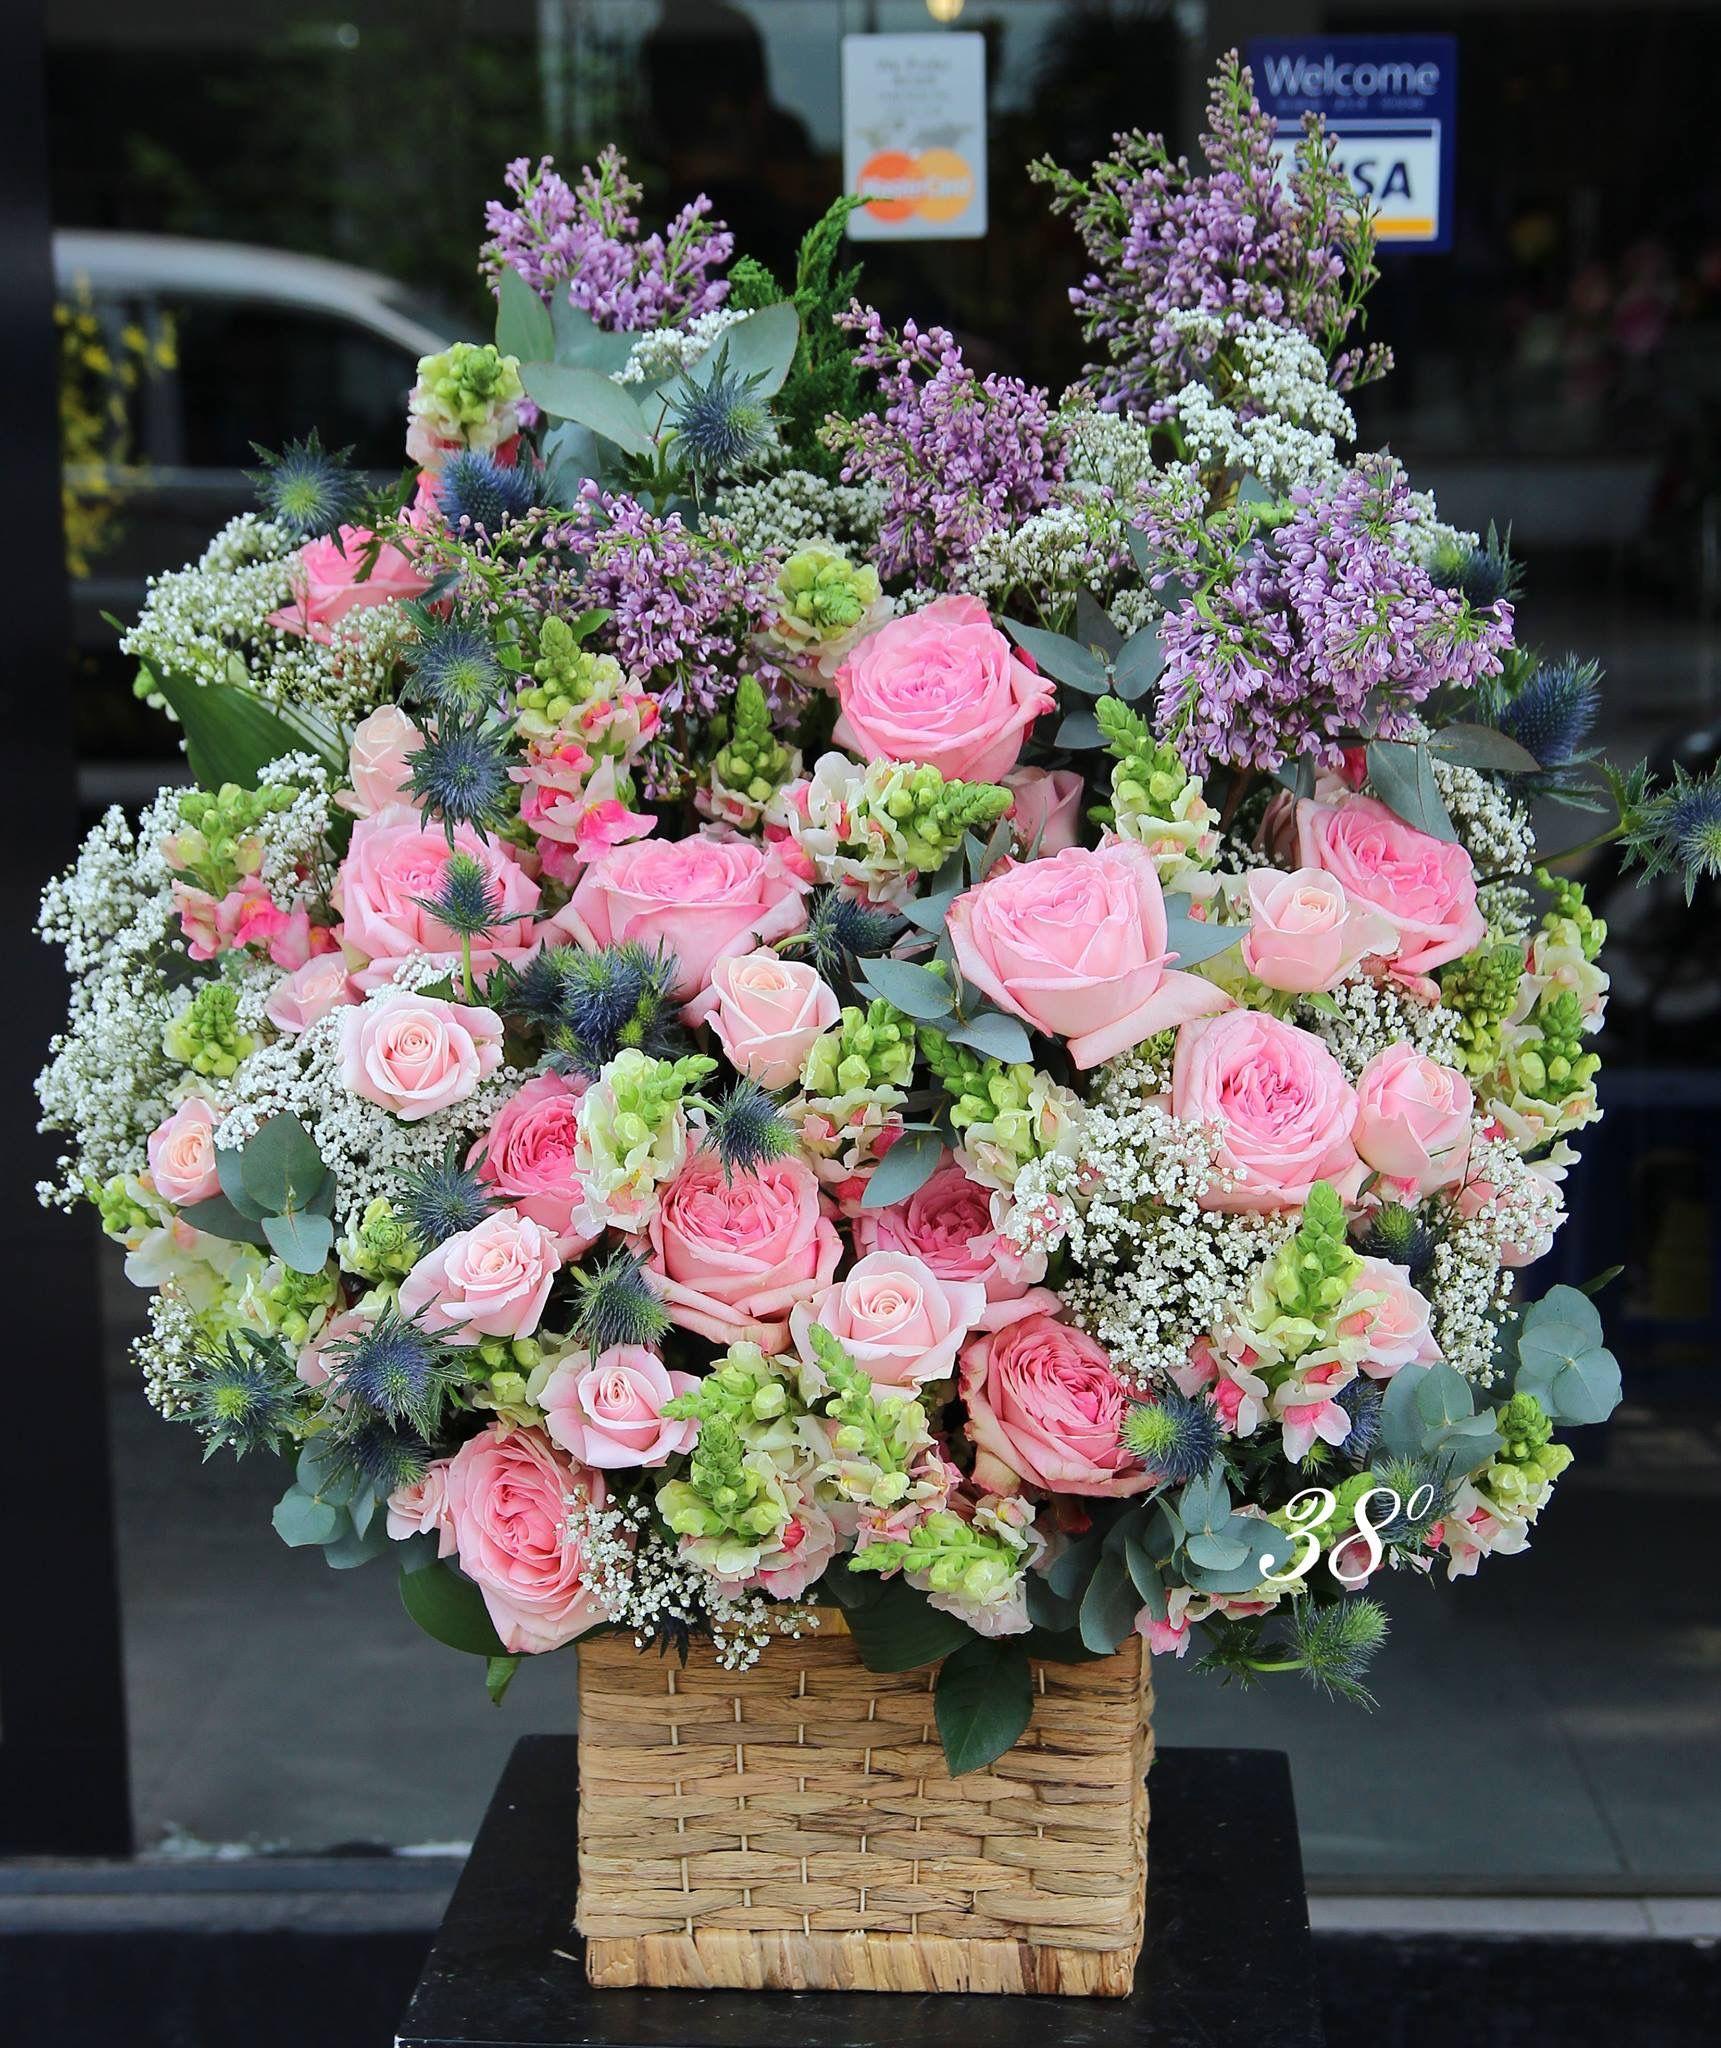 Hình ảnh lẵng hoa hồng đẹp, sang trọng